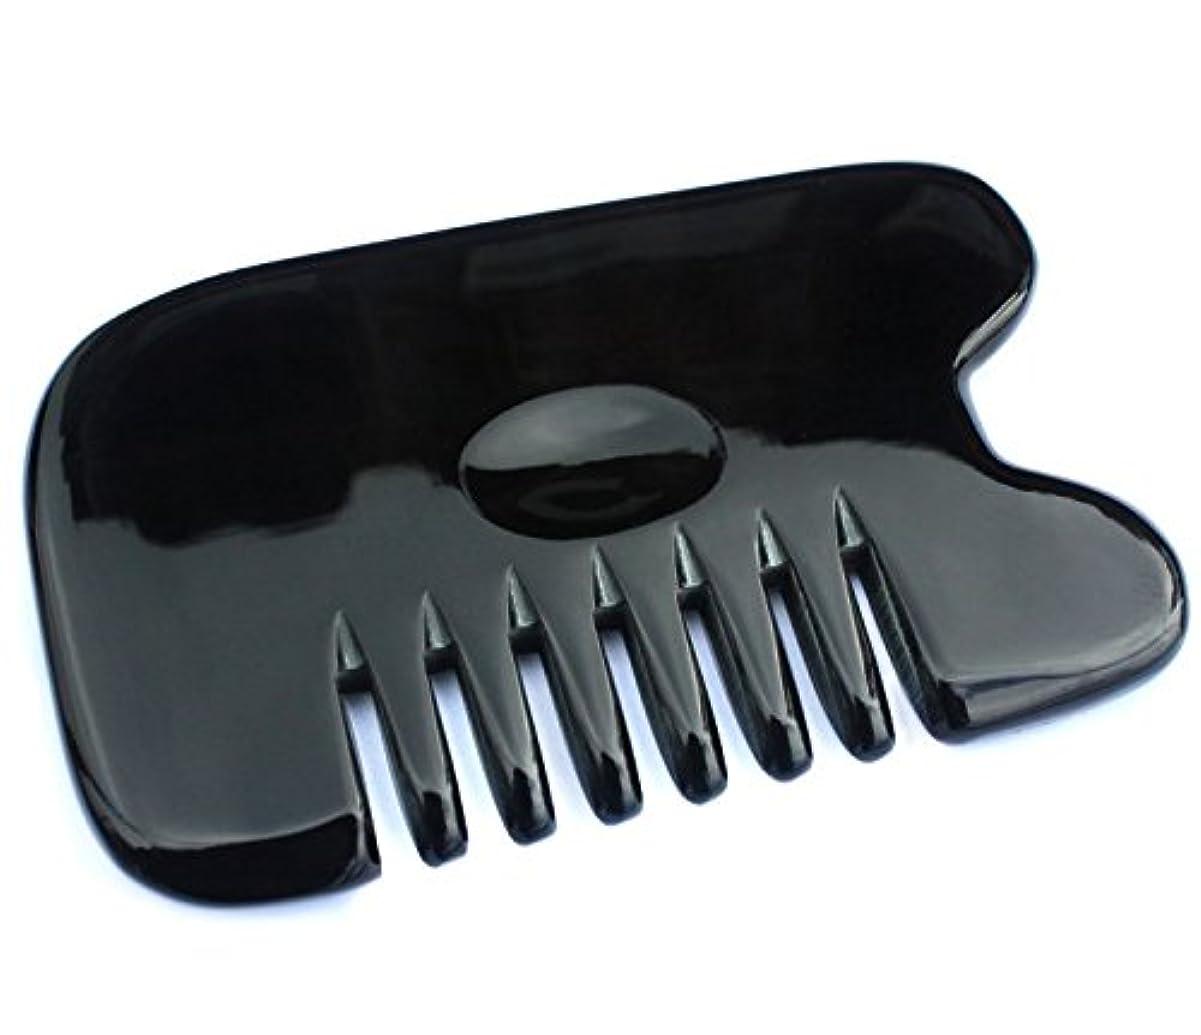 南西永久アイザック櫛型 プロも使う牛角かっさプレート マサージ用 血行改善 高級 天然 静電気防止 美髪 美顔 ボディ リンパマッサージ